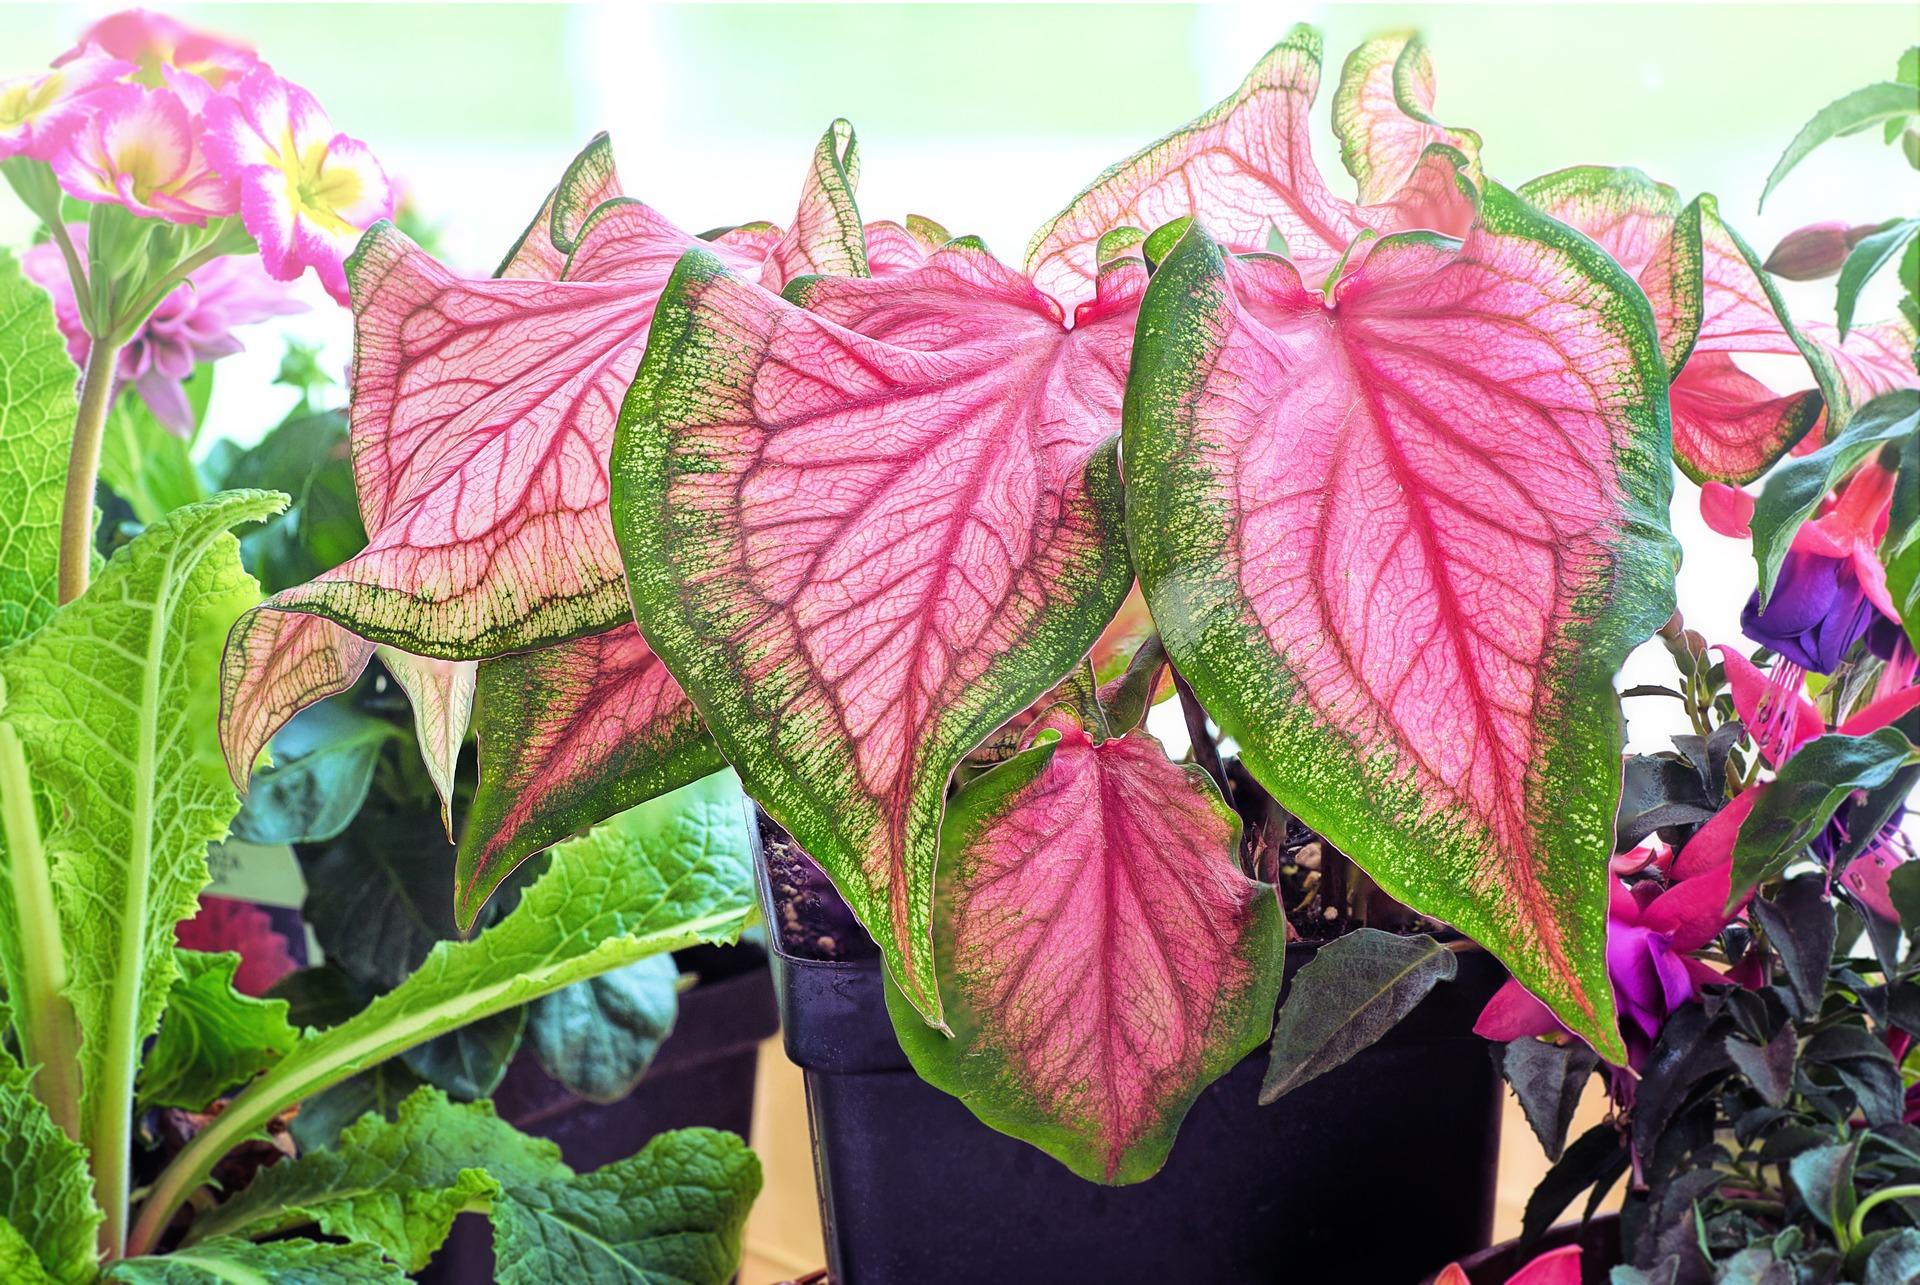 plantes interieure plant 3381317 1920 - Canicule : 9 plantes qui garderont l'air frais dans votre maison